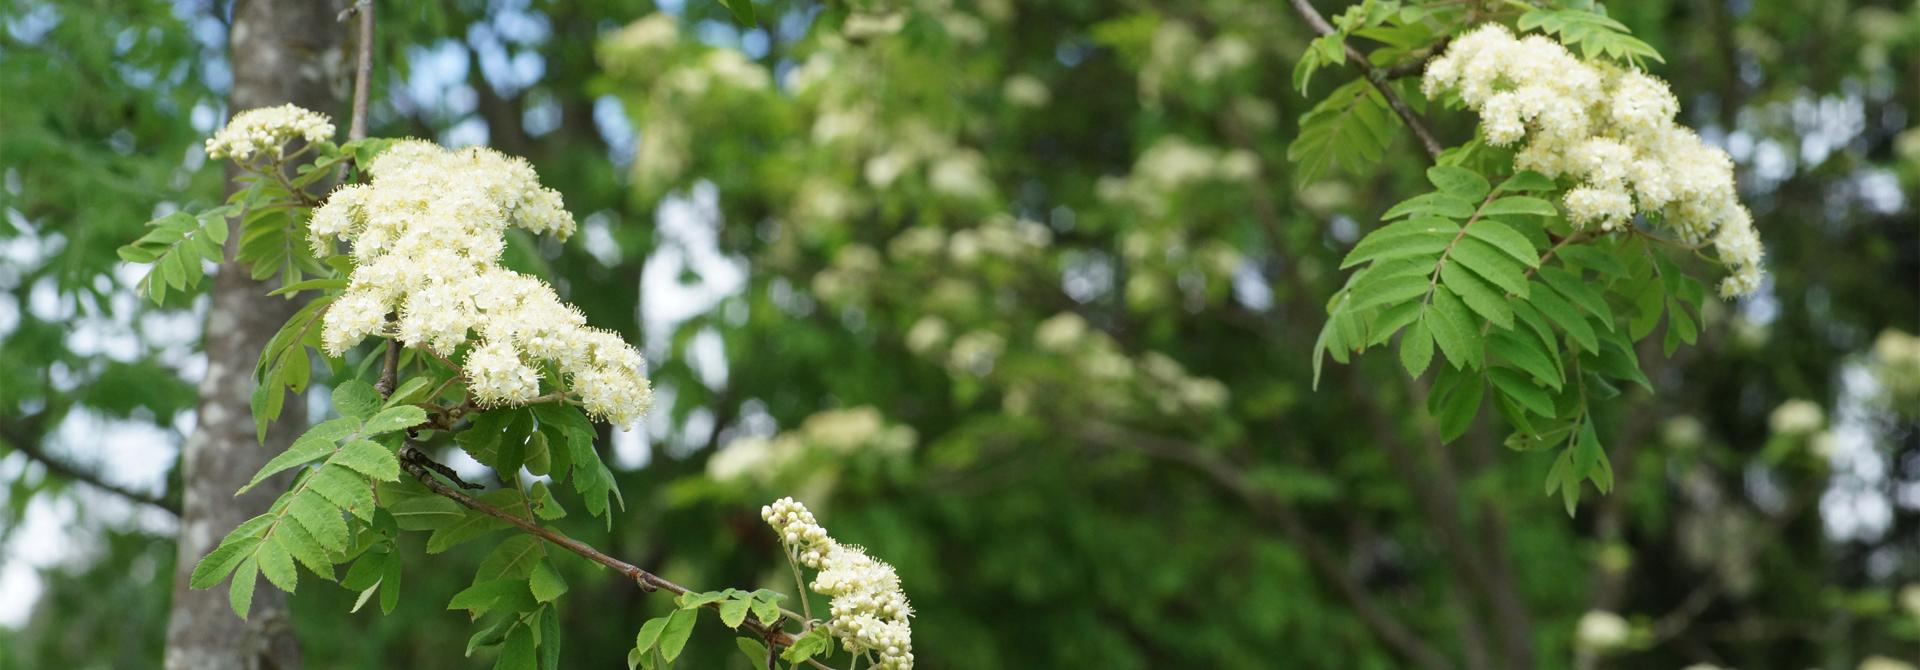 Vogelbeere (Sorbus aucuparia)>